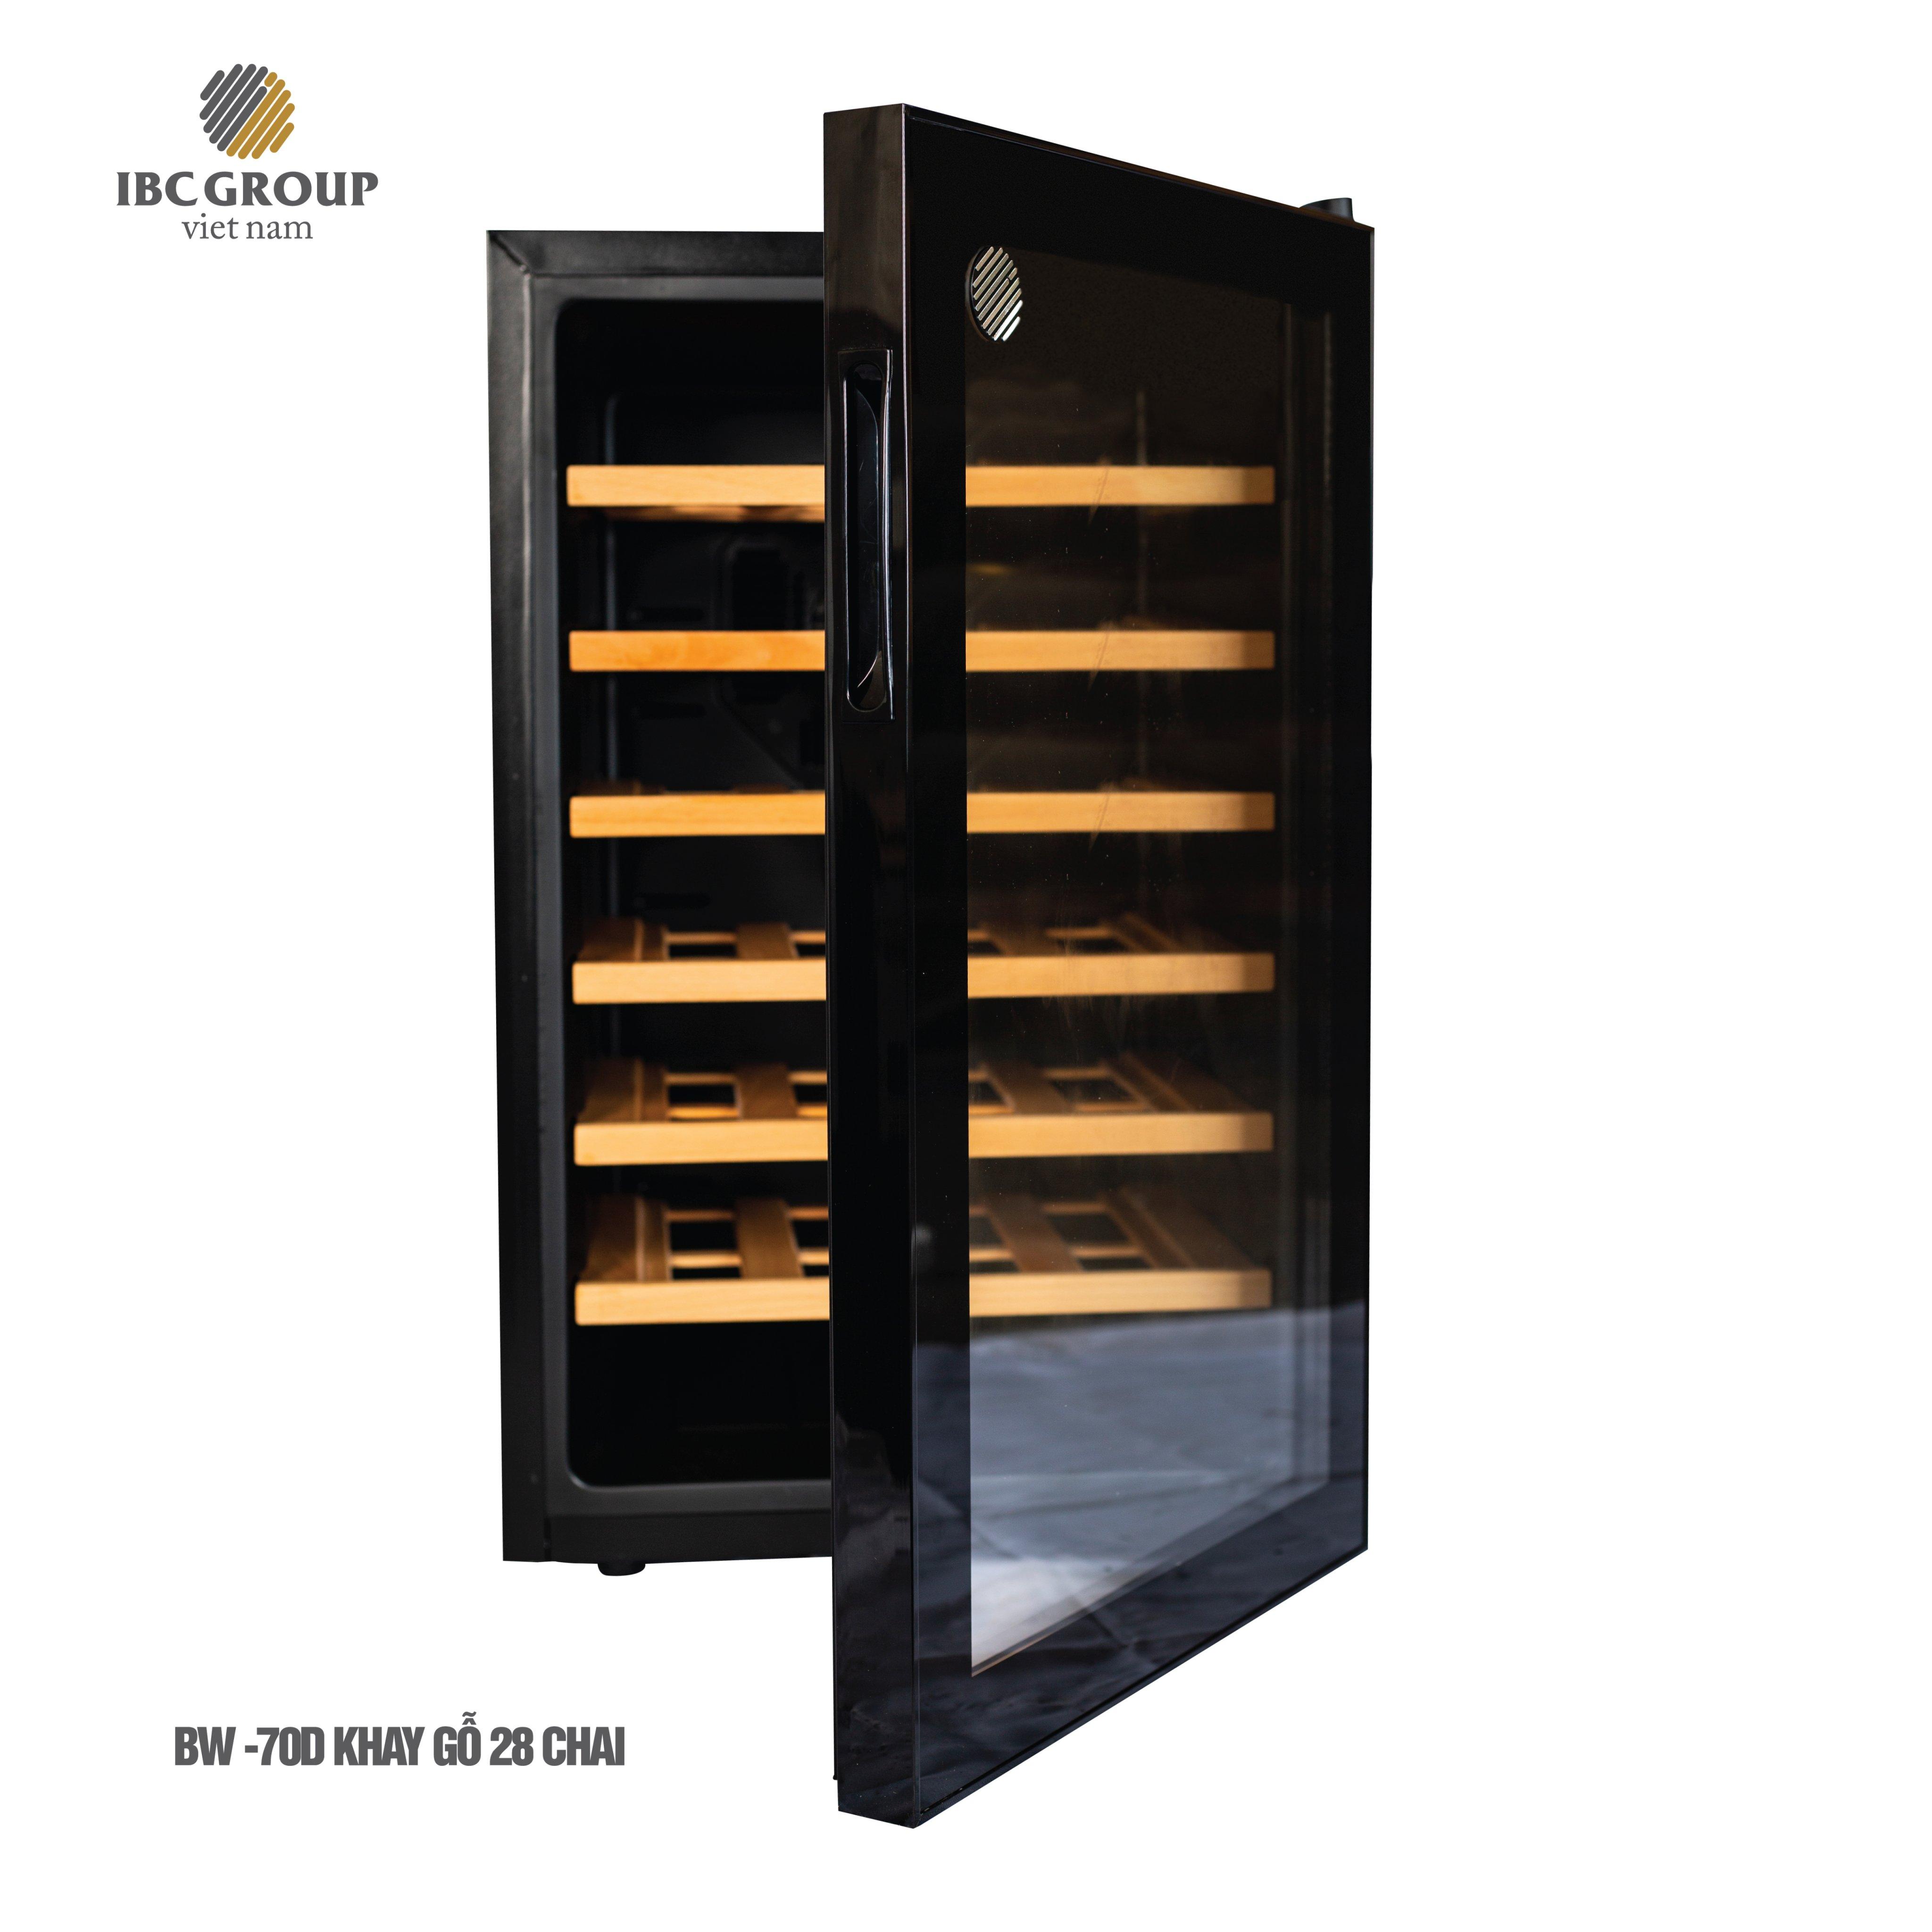 Tủ rượu IBC BW-70D khay gỗ - 28 chai